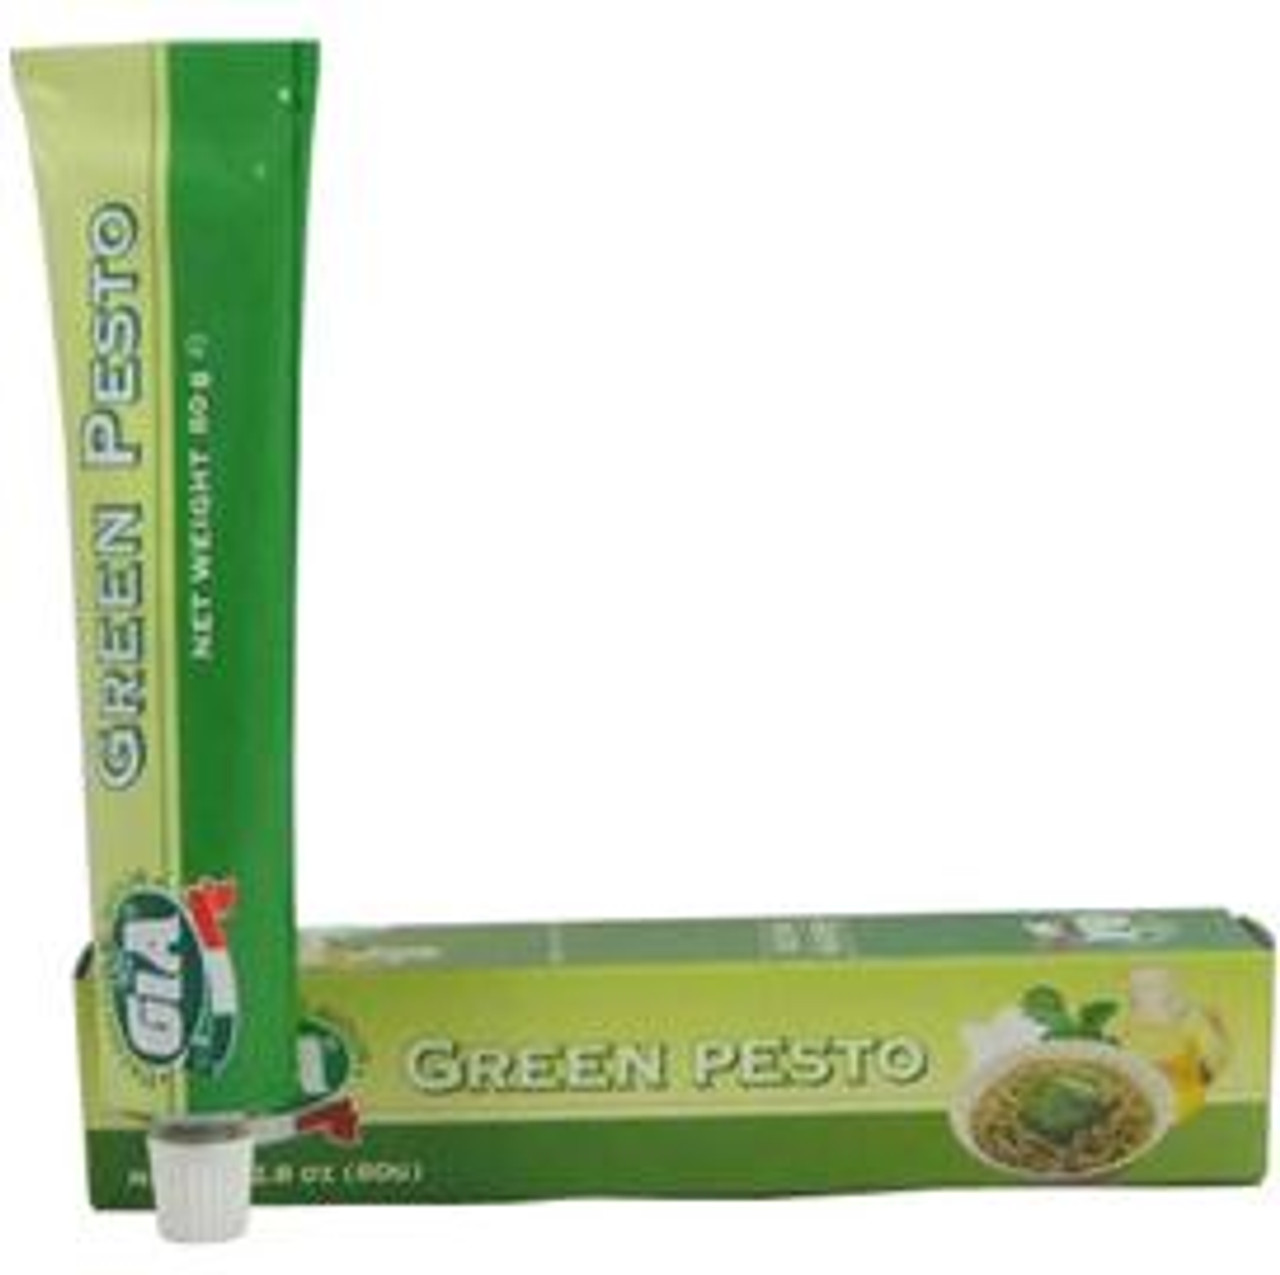 Green Pesto Paste